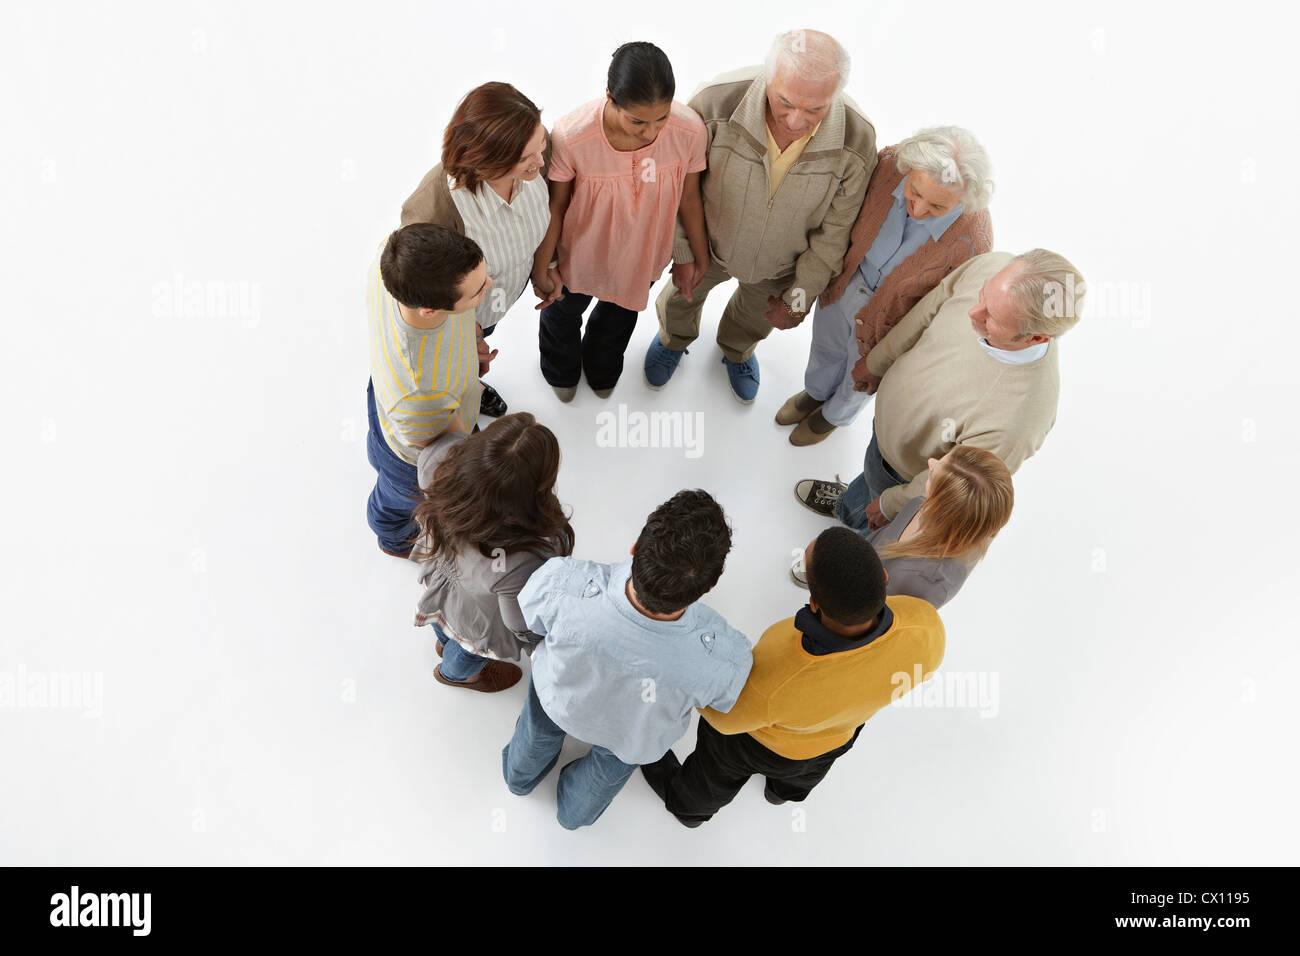 Gruppe von Personen in einem Kreis, erhöhte Ansicht Stockbild